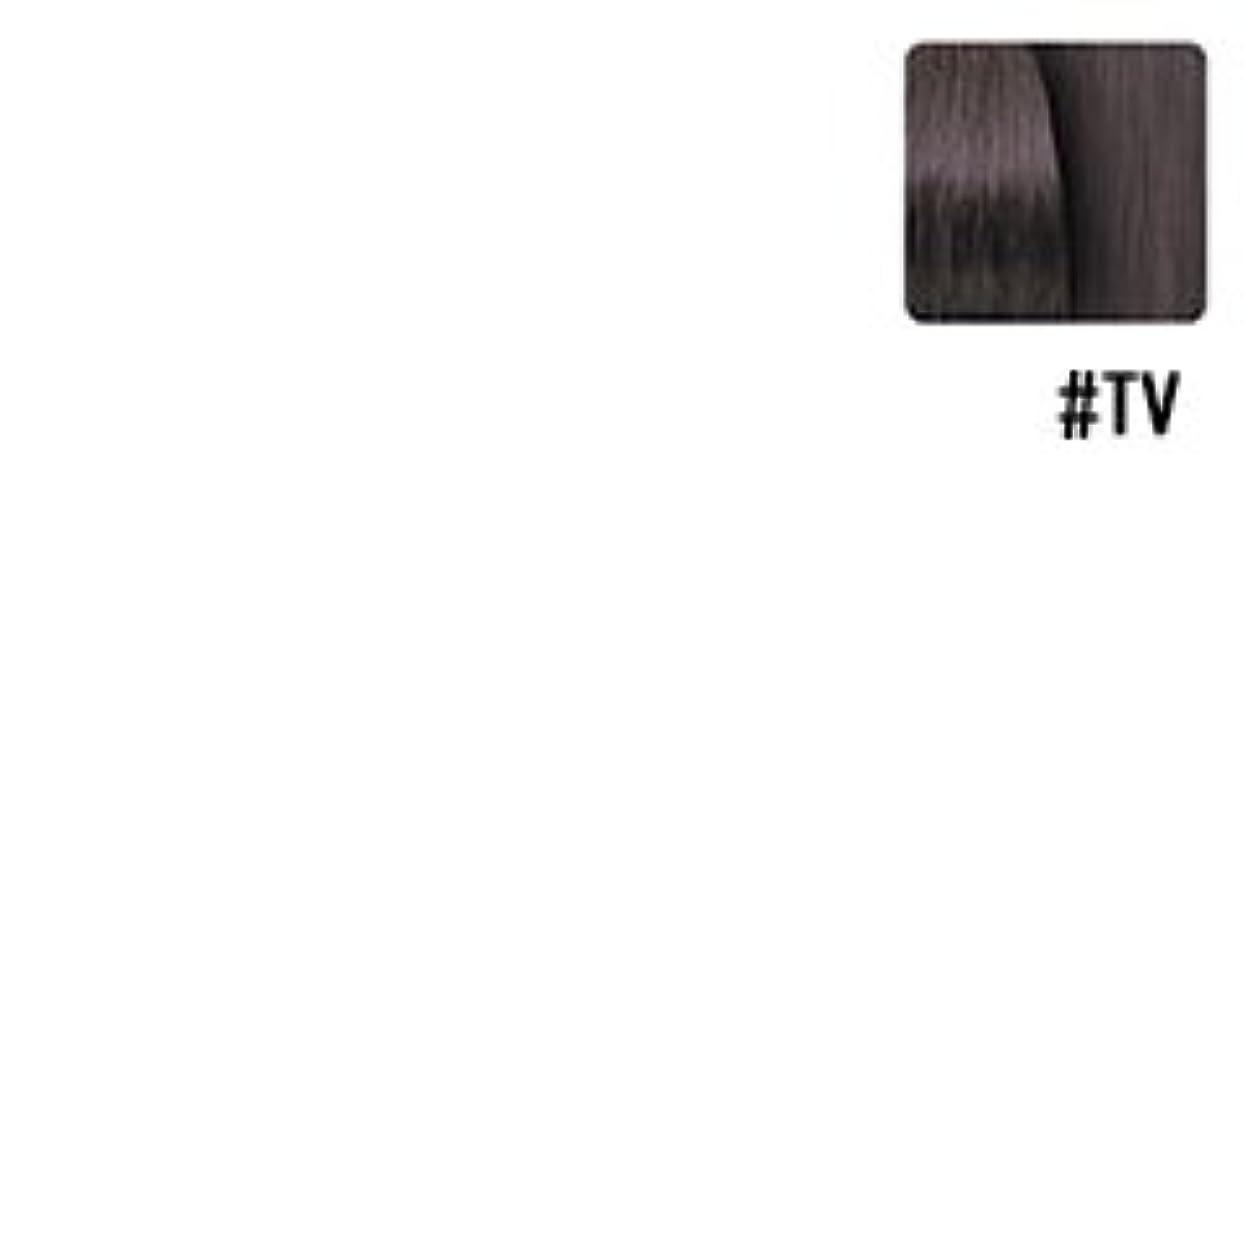 スキームウィンク土曜日【ナンバースリー】カラーコンシャス テクスチャーカラー #TV (ヴァイオレット) 80g